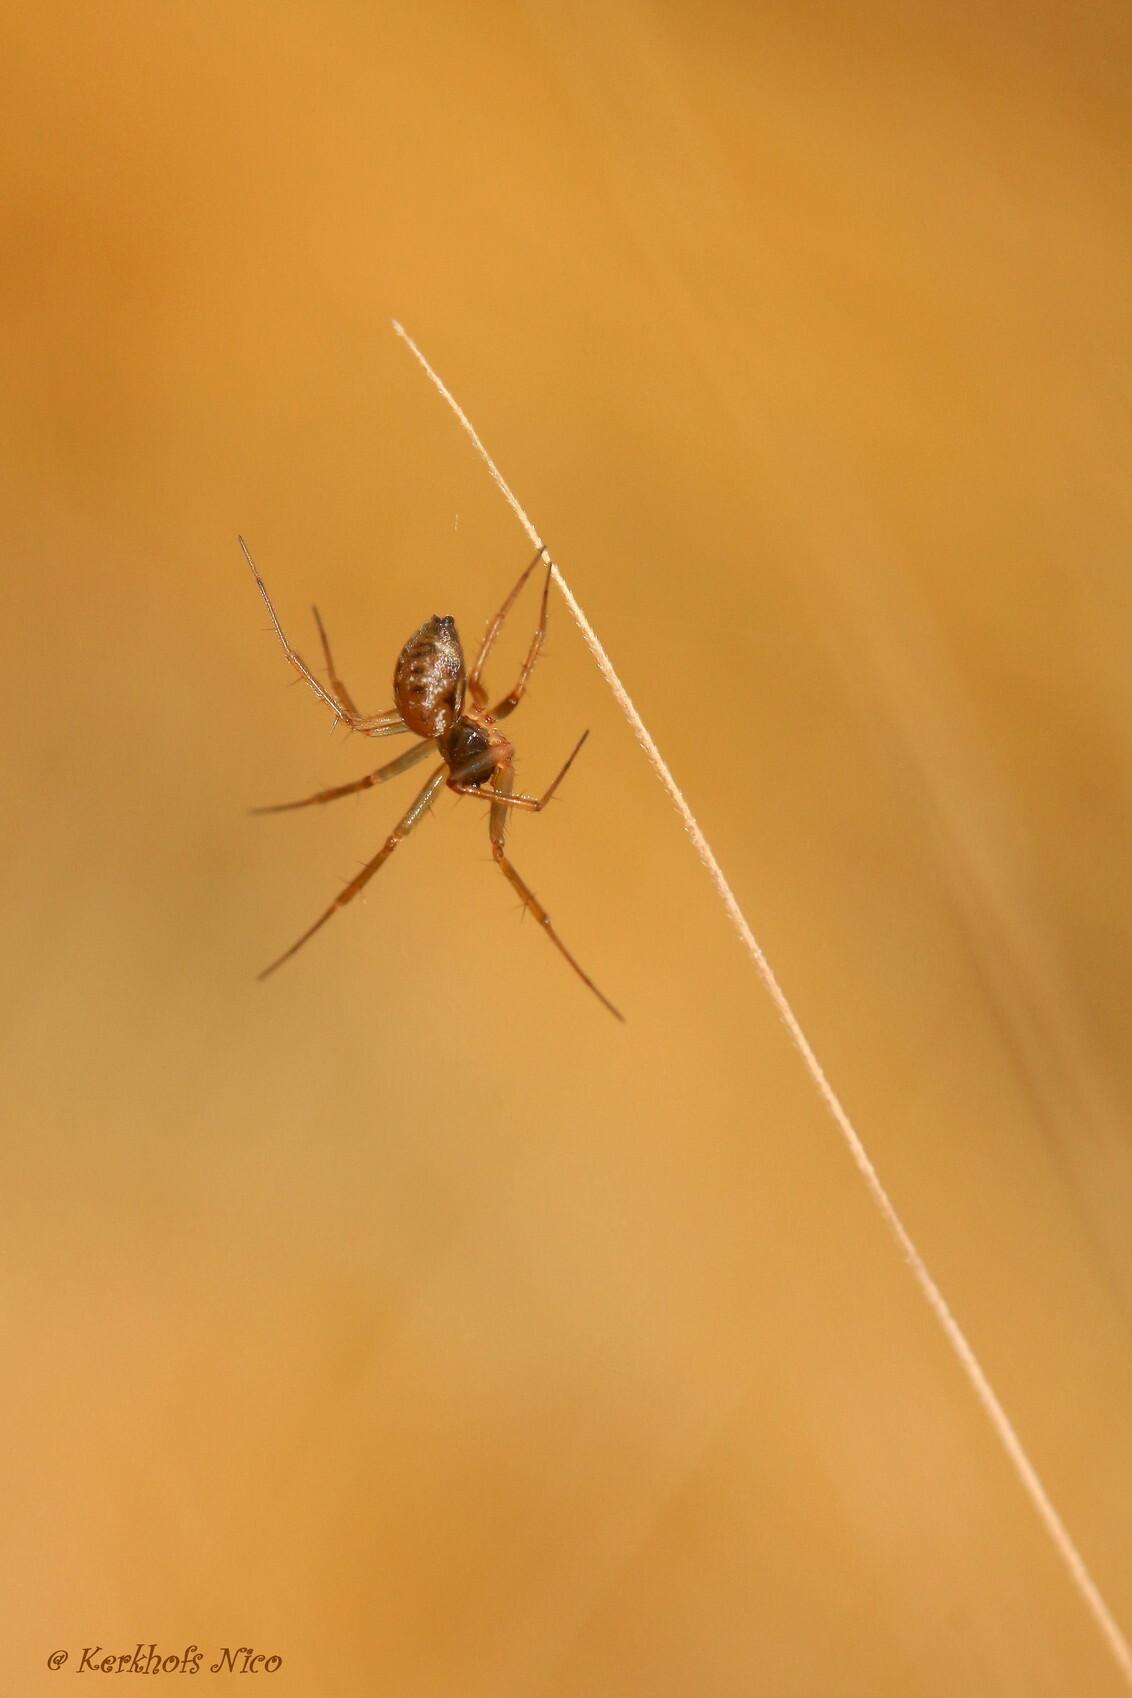 Klein spinnetje - Ze is aan het polsstokspringen - foto door Nico-Nikske op 12-11-2015 - deze foto bevat: macro, spin, bokeh